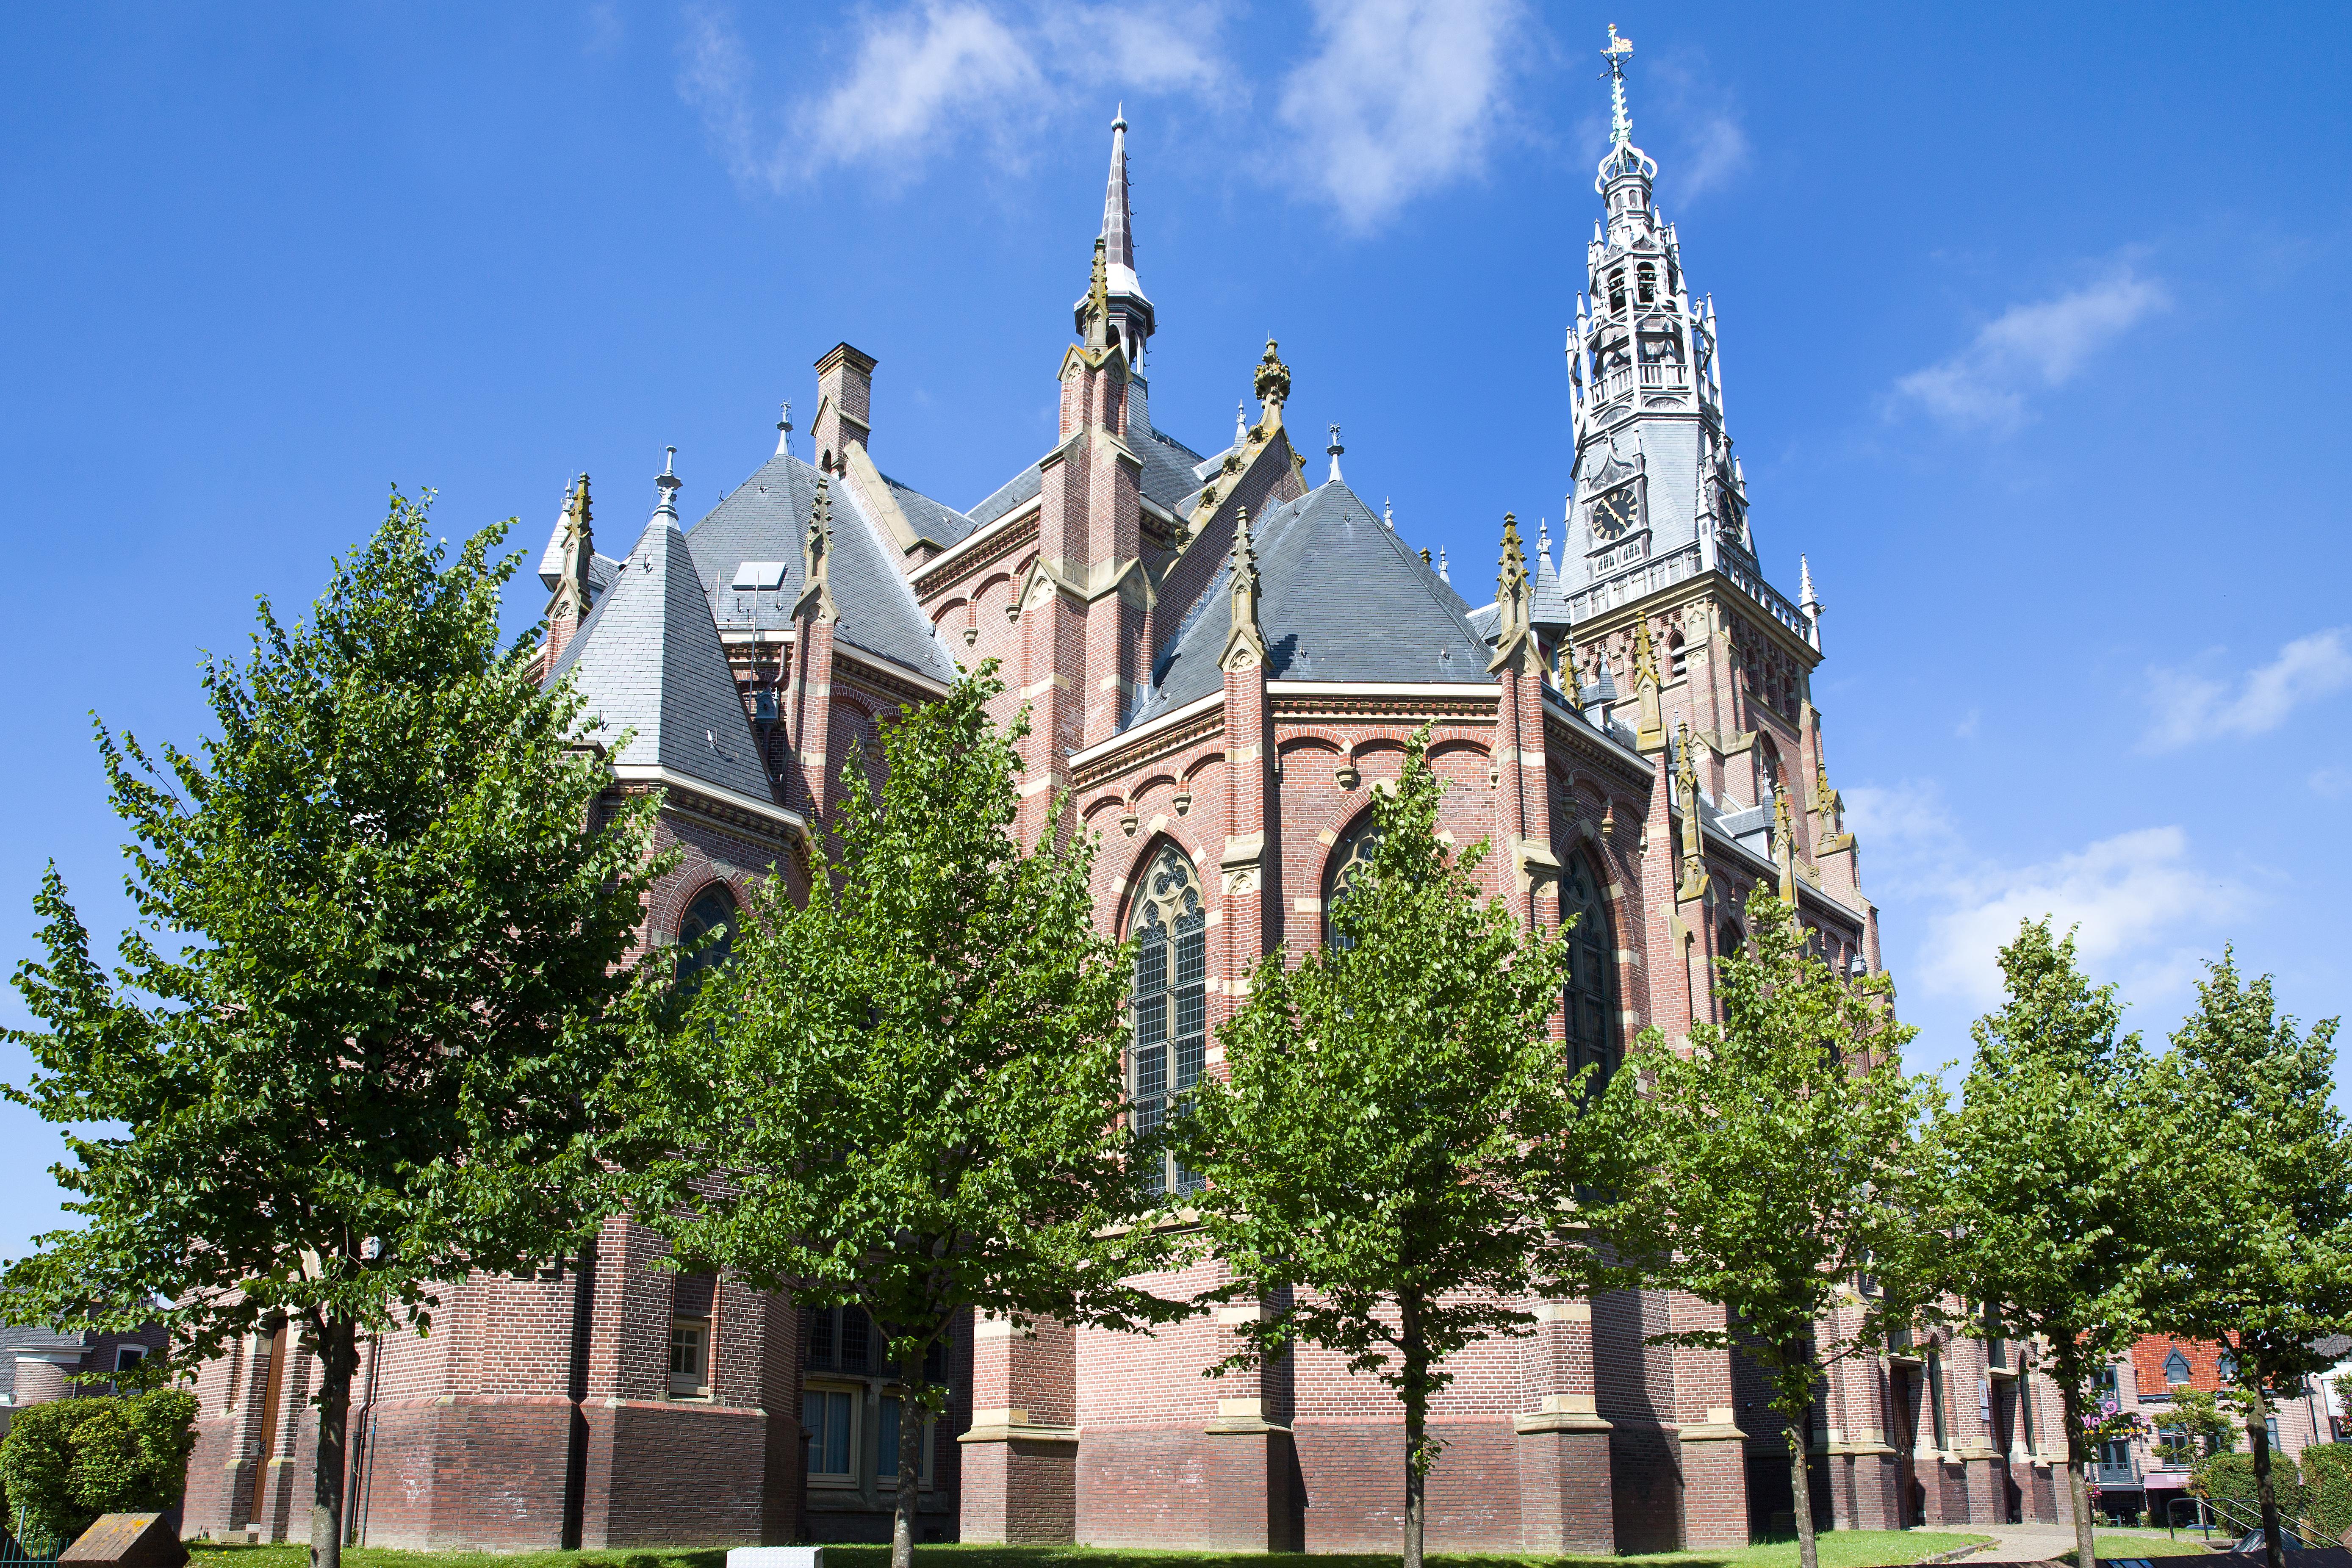 Naast de Grote Kerk aan de Markt kent gemeente Schagen nog veel meer kerktorens en molens met een monumentale status. (Foto: Jolanda Jacobs Fotografie)